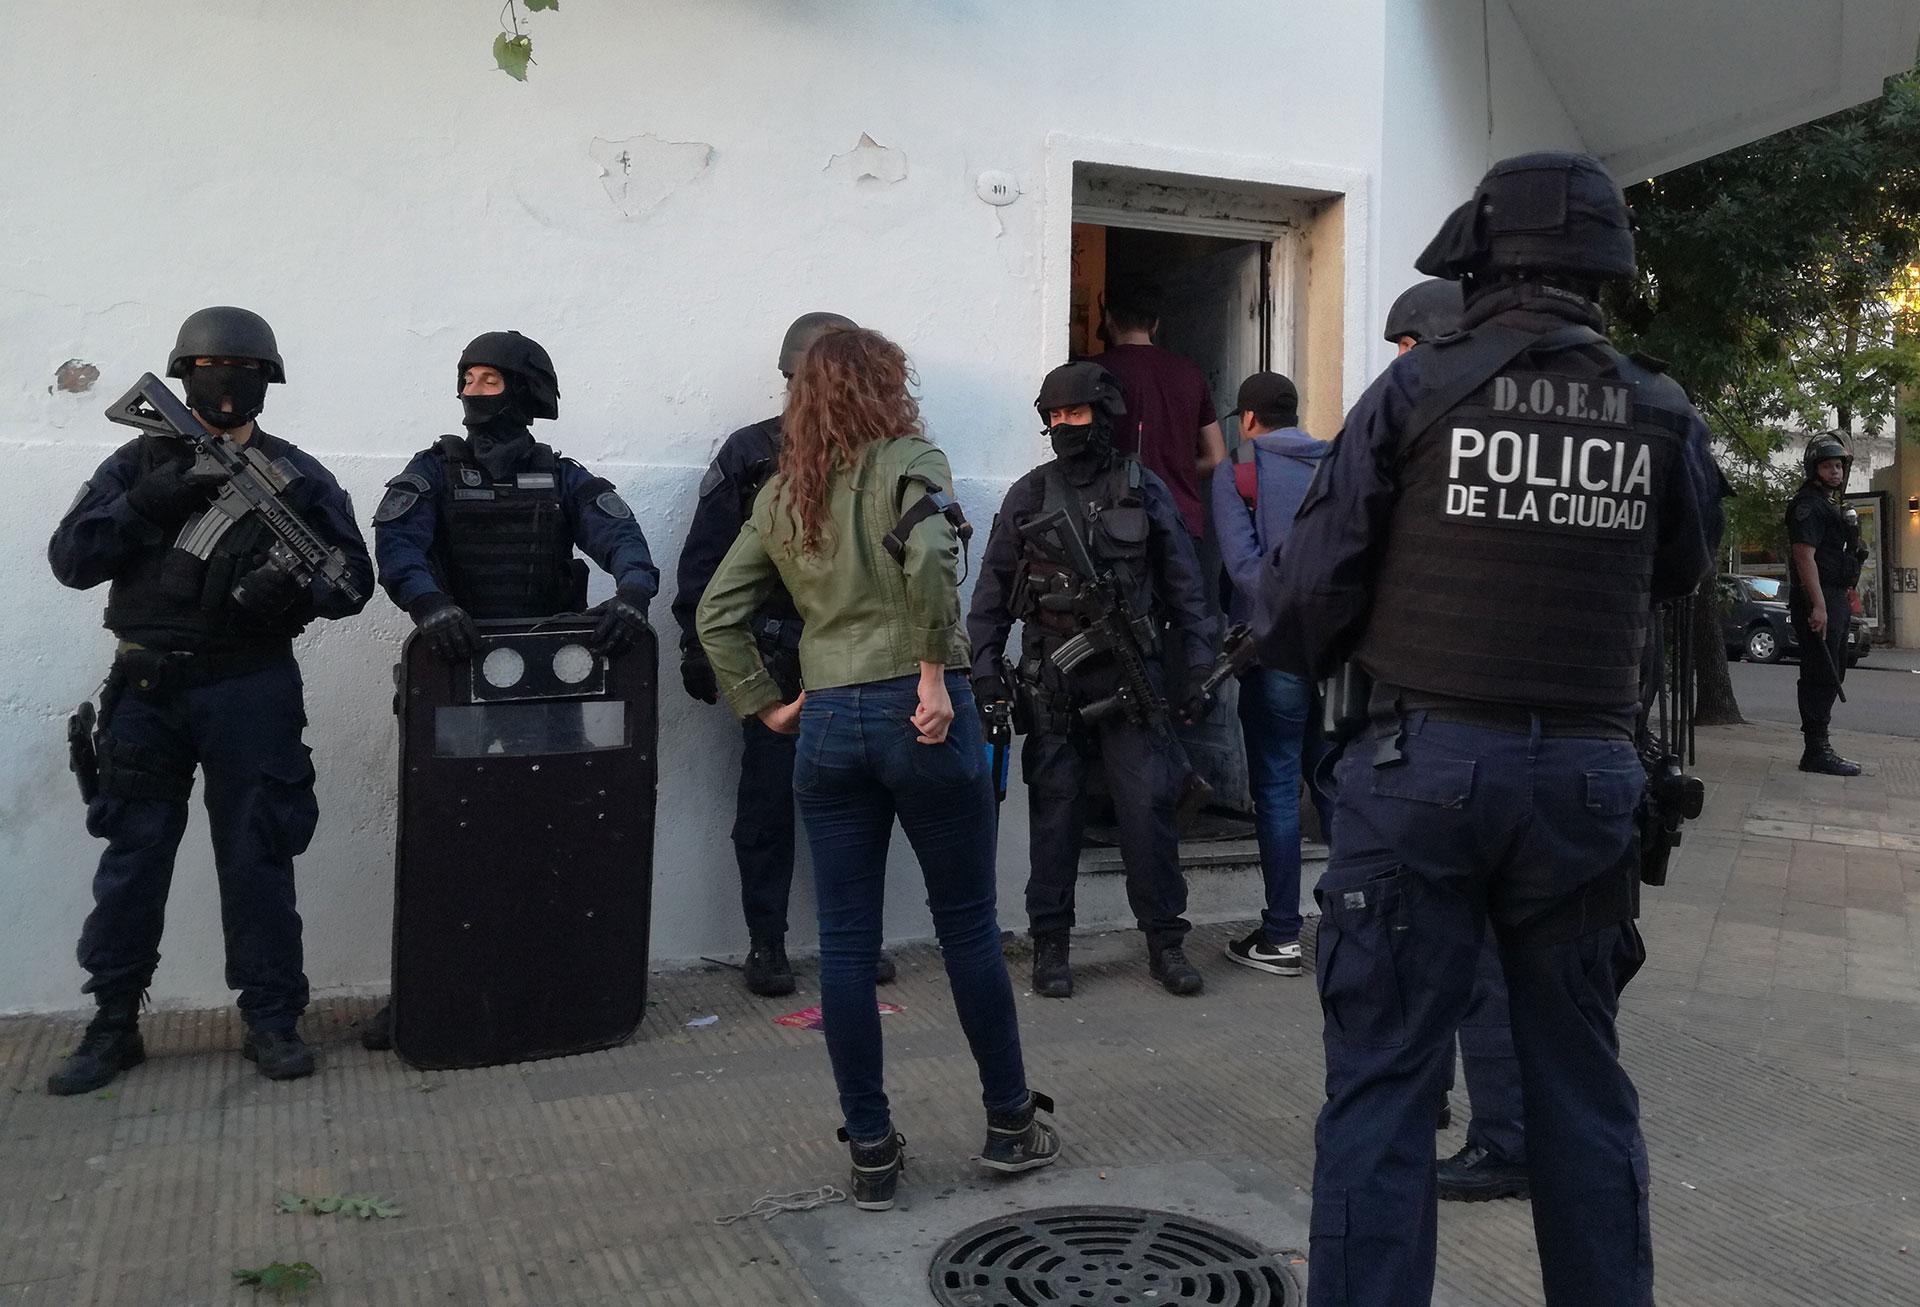 La casa de Cabrera y Humboldt, un conocido punto de venta de drogas en Palermo (Infobae)